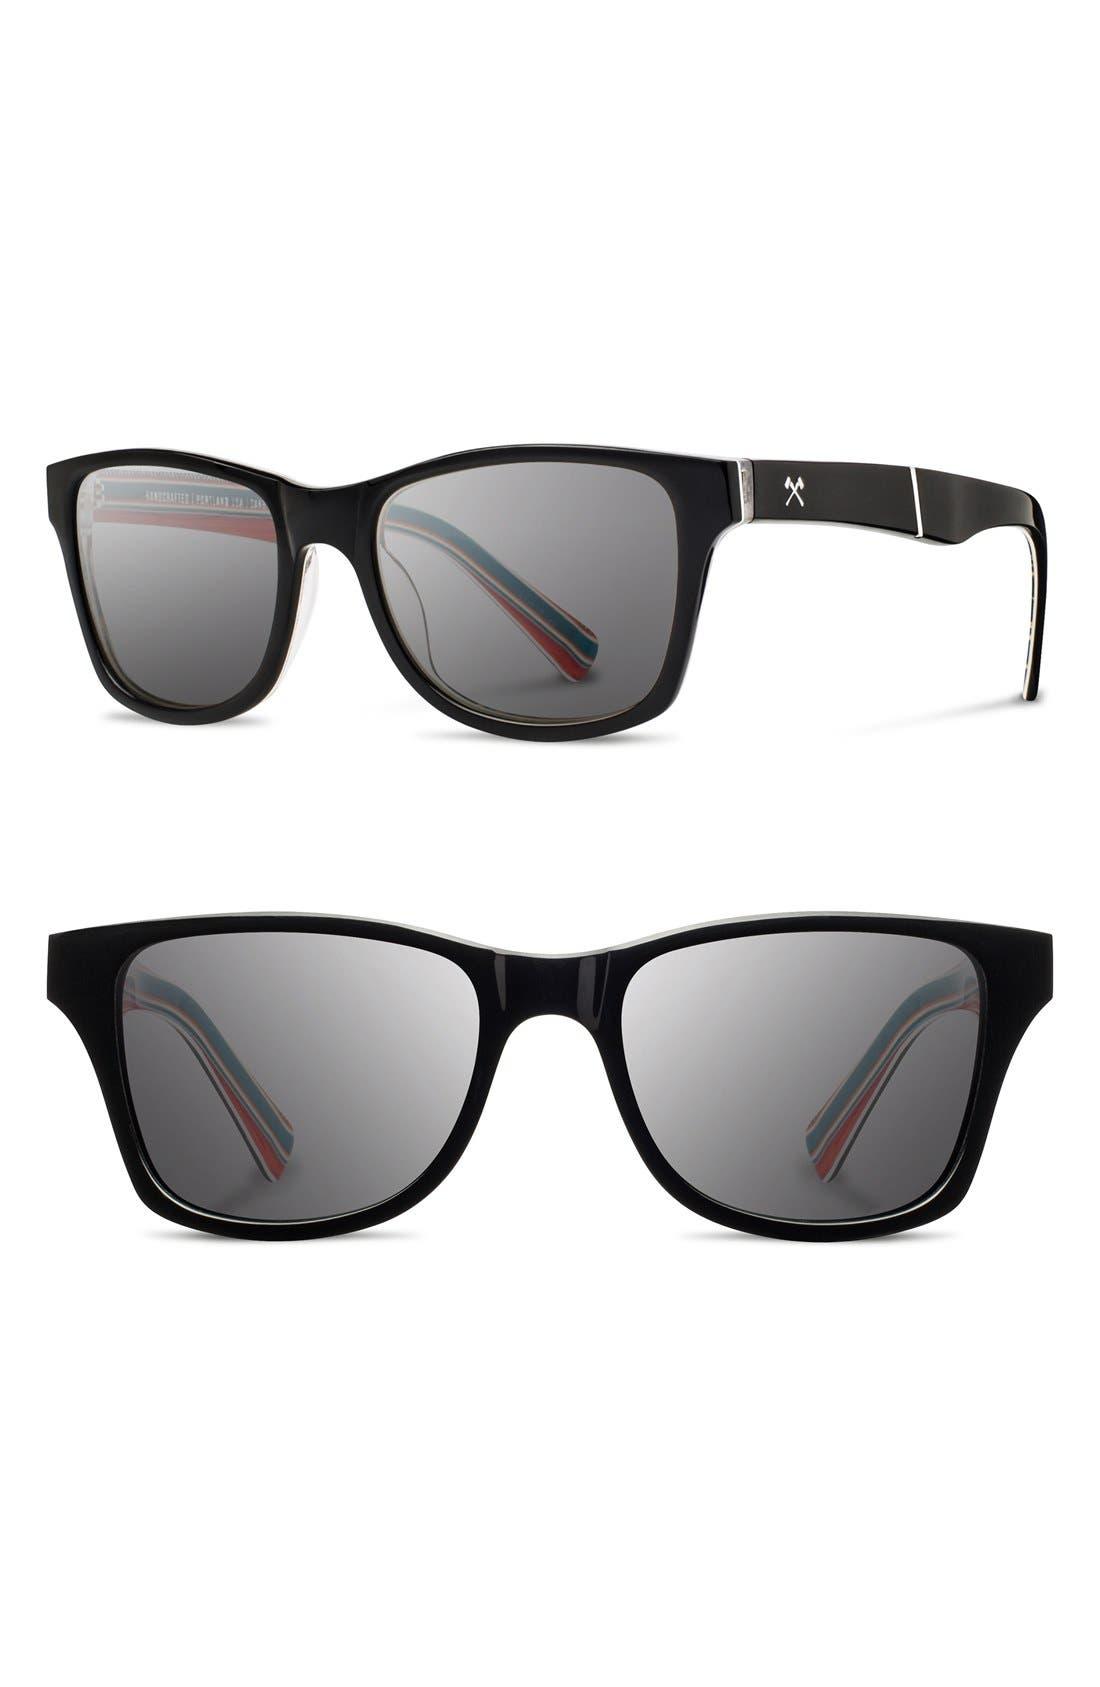 Main Image - Shwood 'Canby - Pendleton' 54mm Polarized Sunglasses